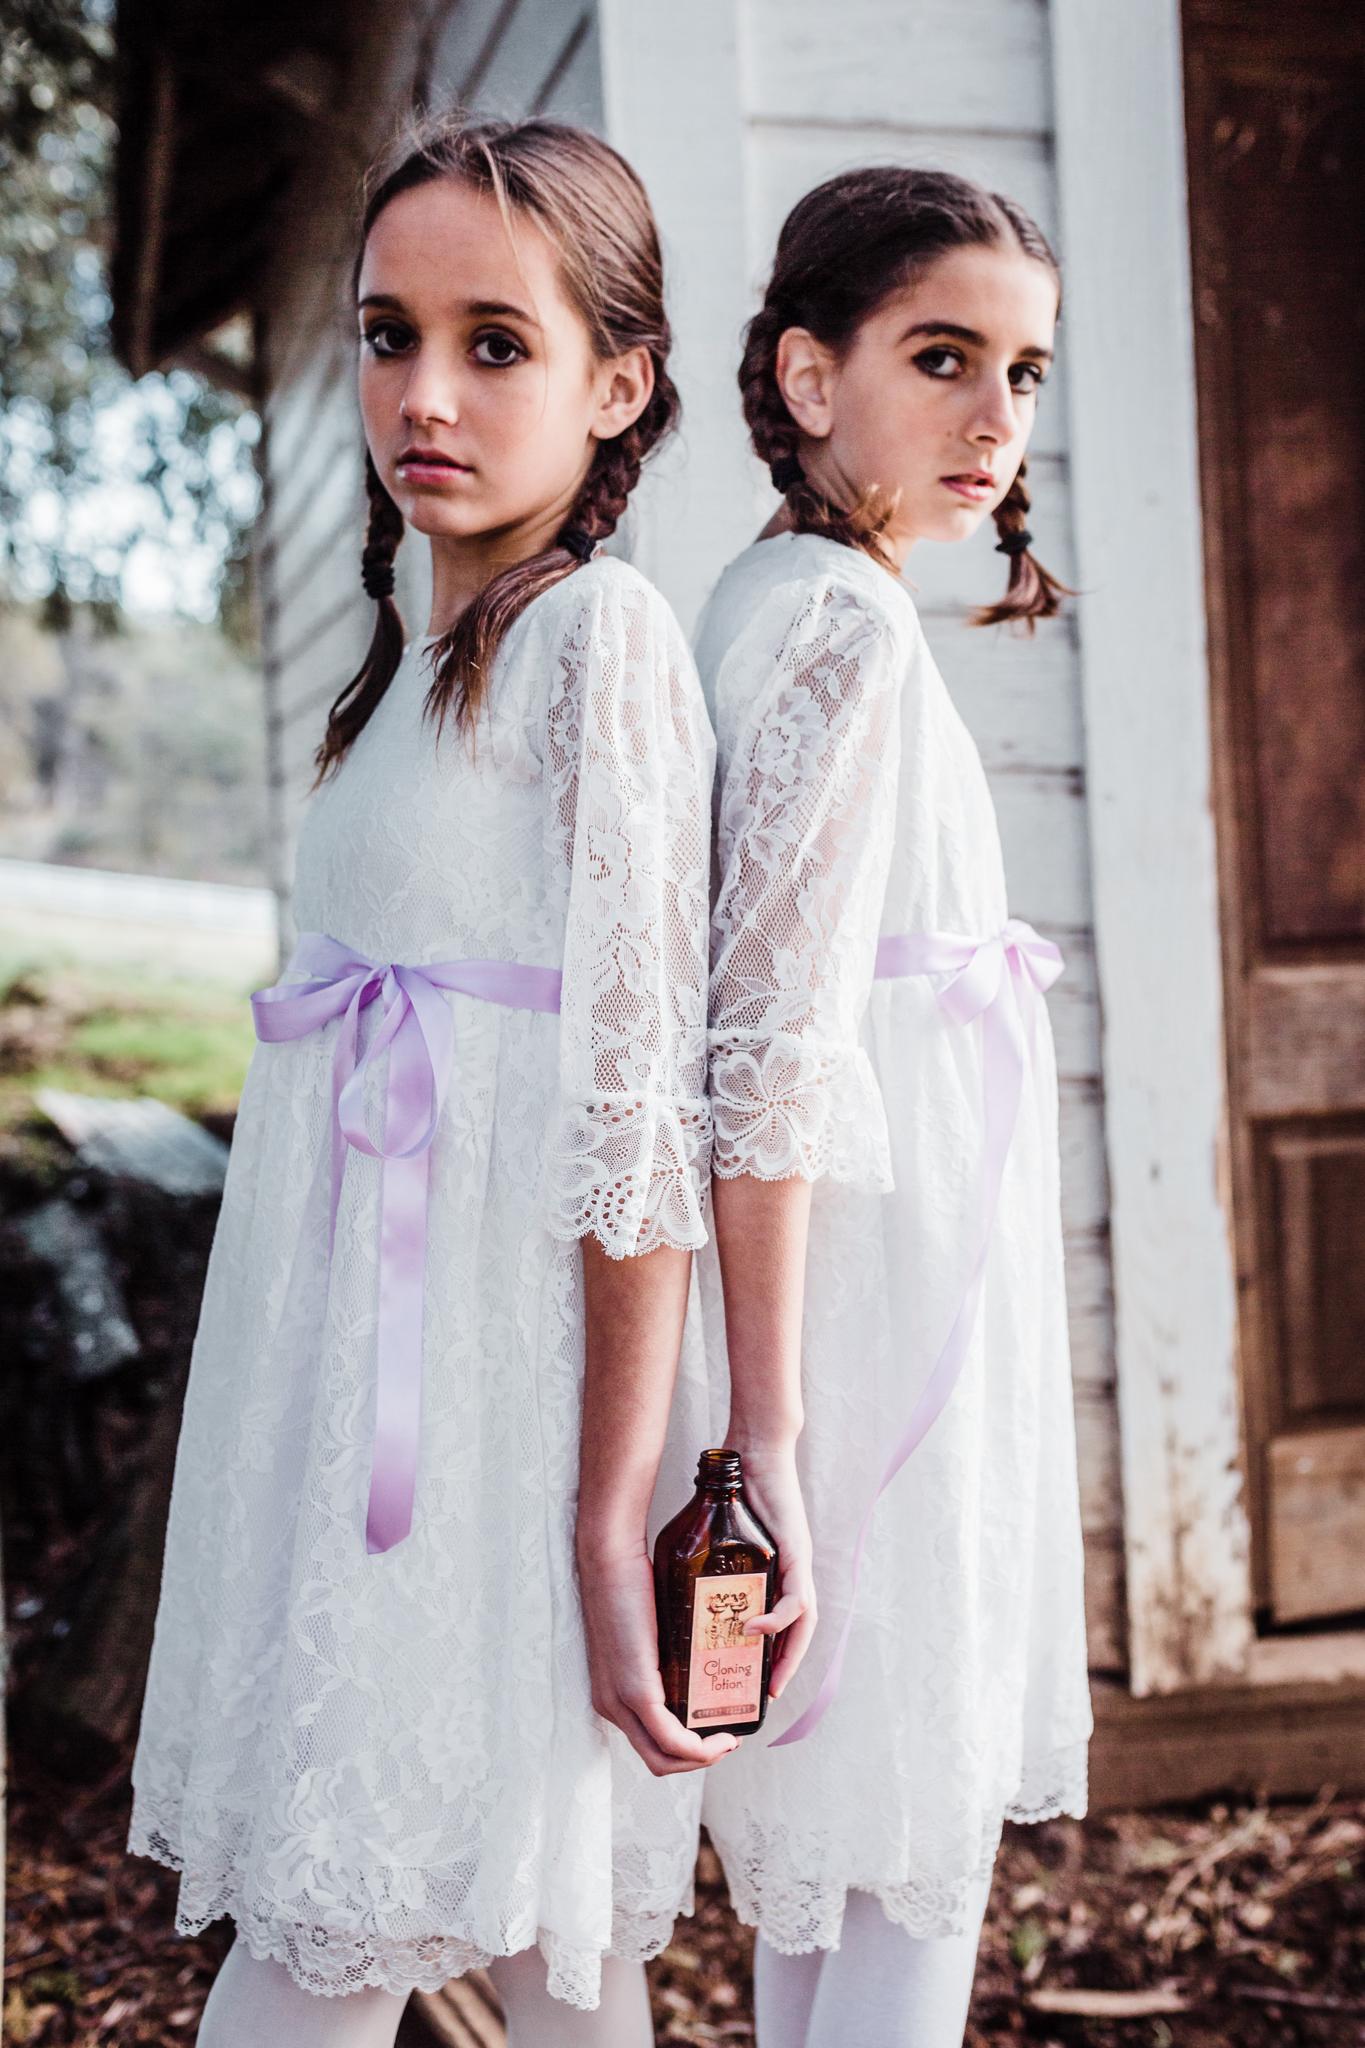 Gothic Storytelling   Lenkaland Photography